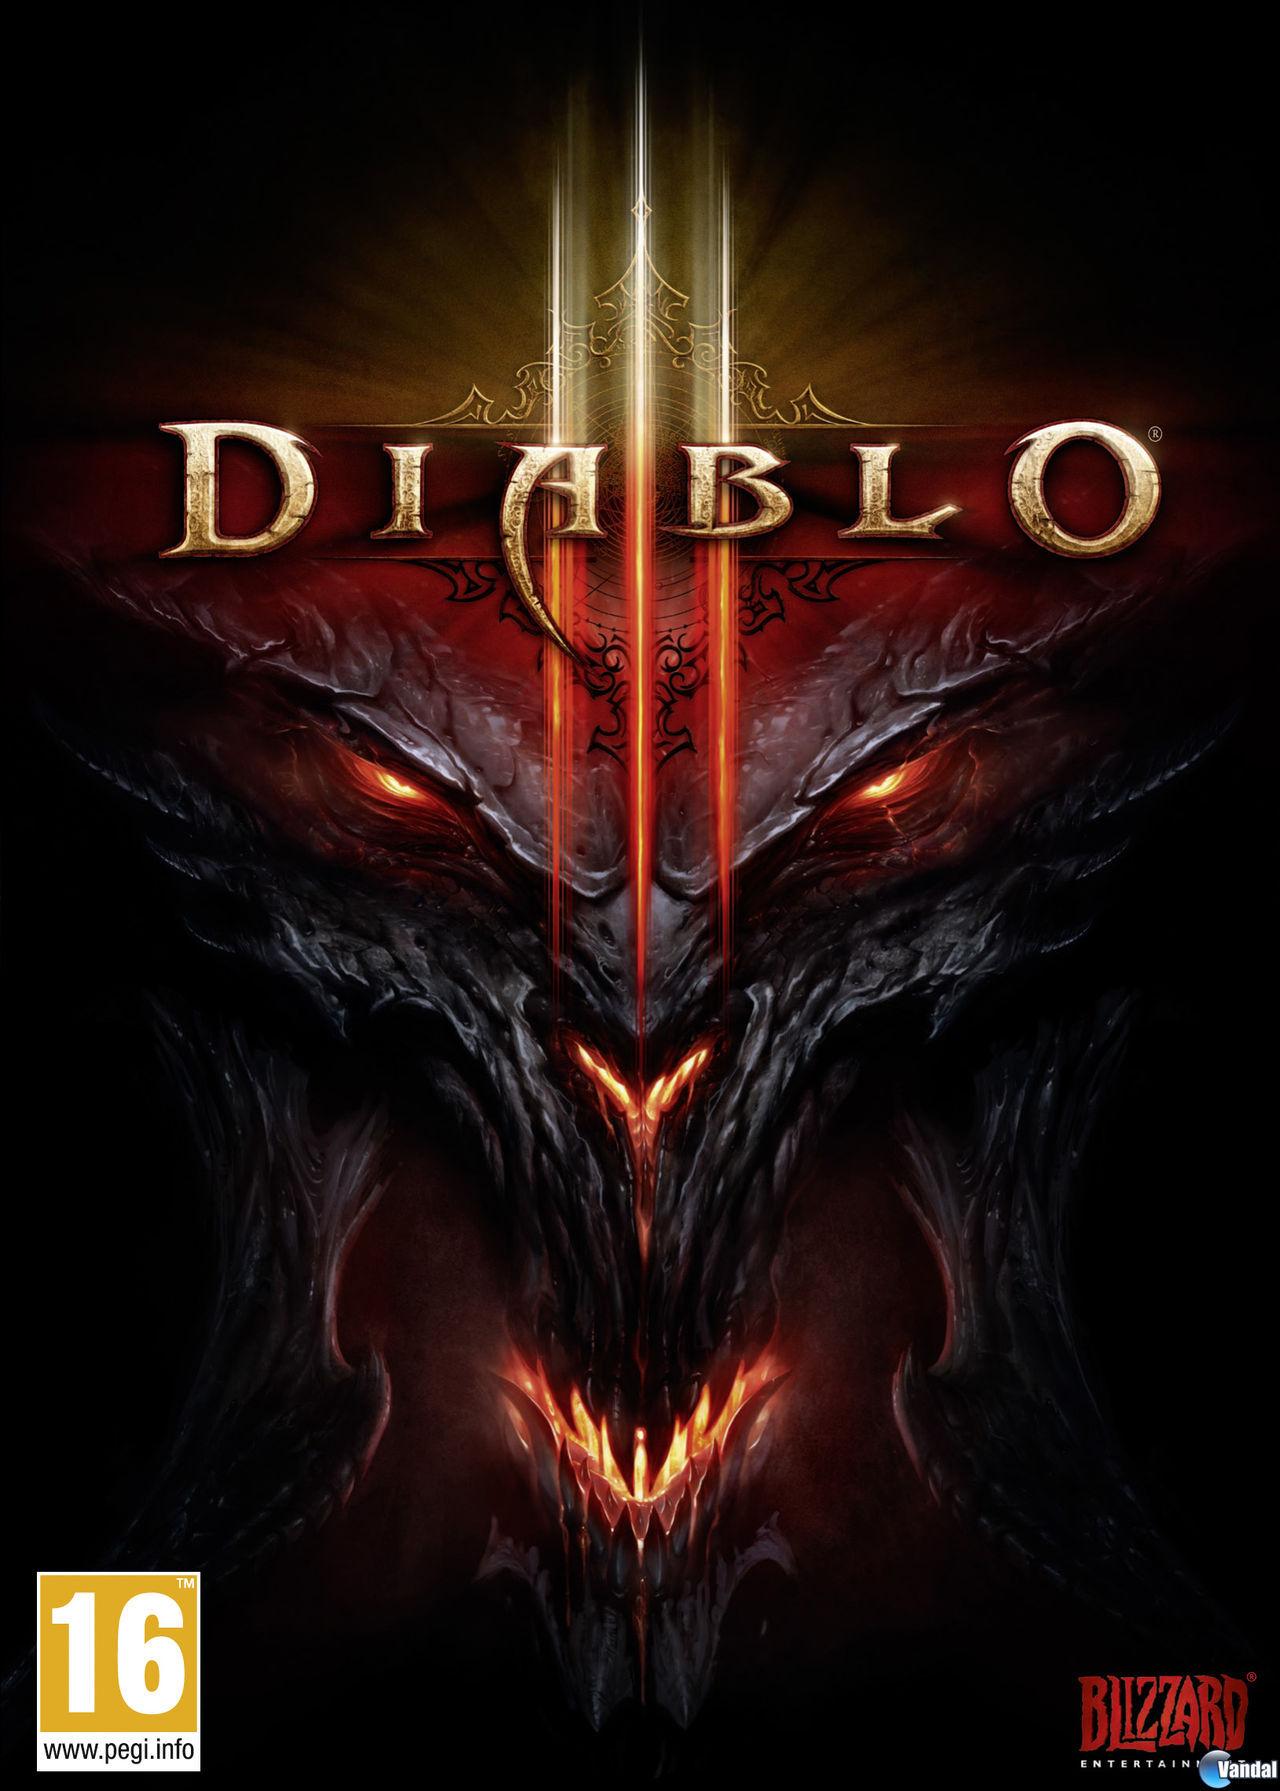 Imagen 240 de Diablo III para Ordenador